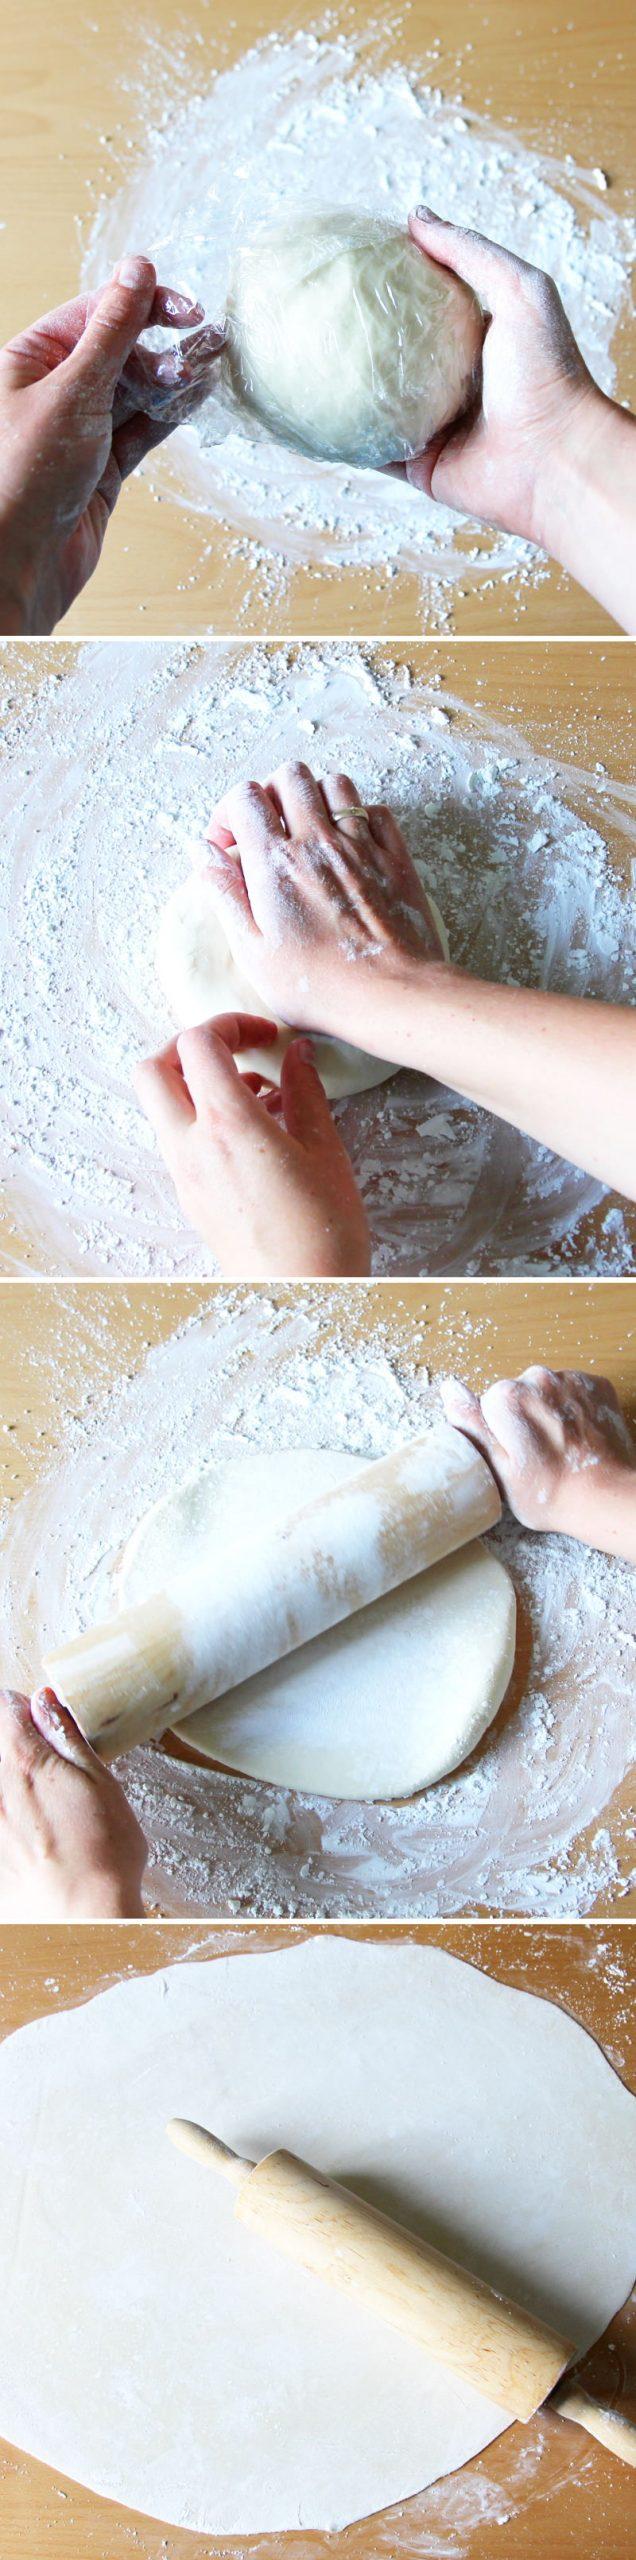 Gyoza Blätter Schritt 7 Teig ausrollen